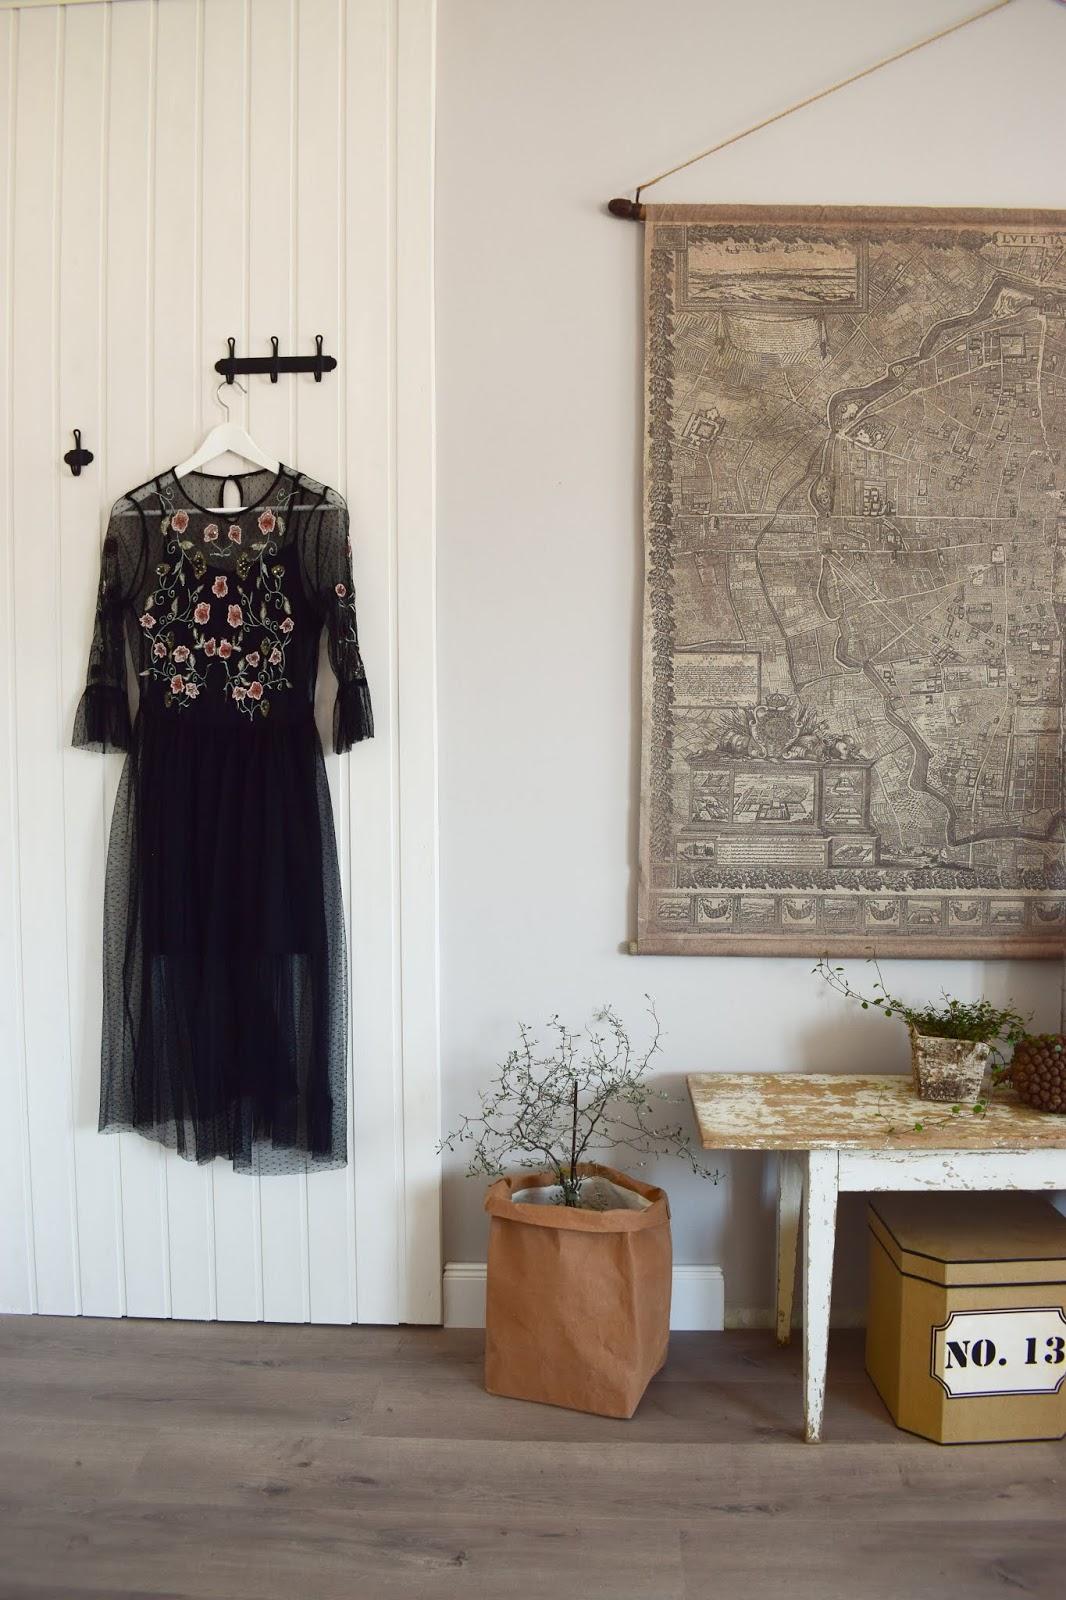 Kleiderhaken Wandhaken Nostalgie von WENKO für die Aufbewahrung von Kleidung im Schlafzimmer und Diele. Landhausstil praktisch aufbewahrt Hakenleiste Türgarderobe